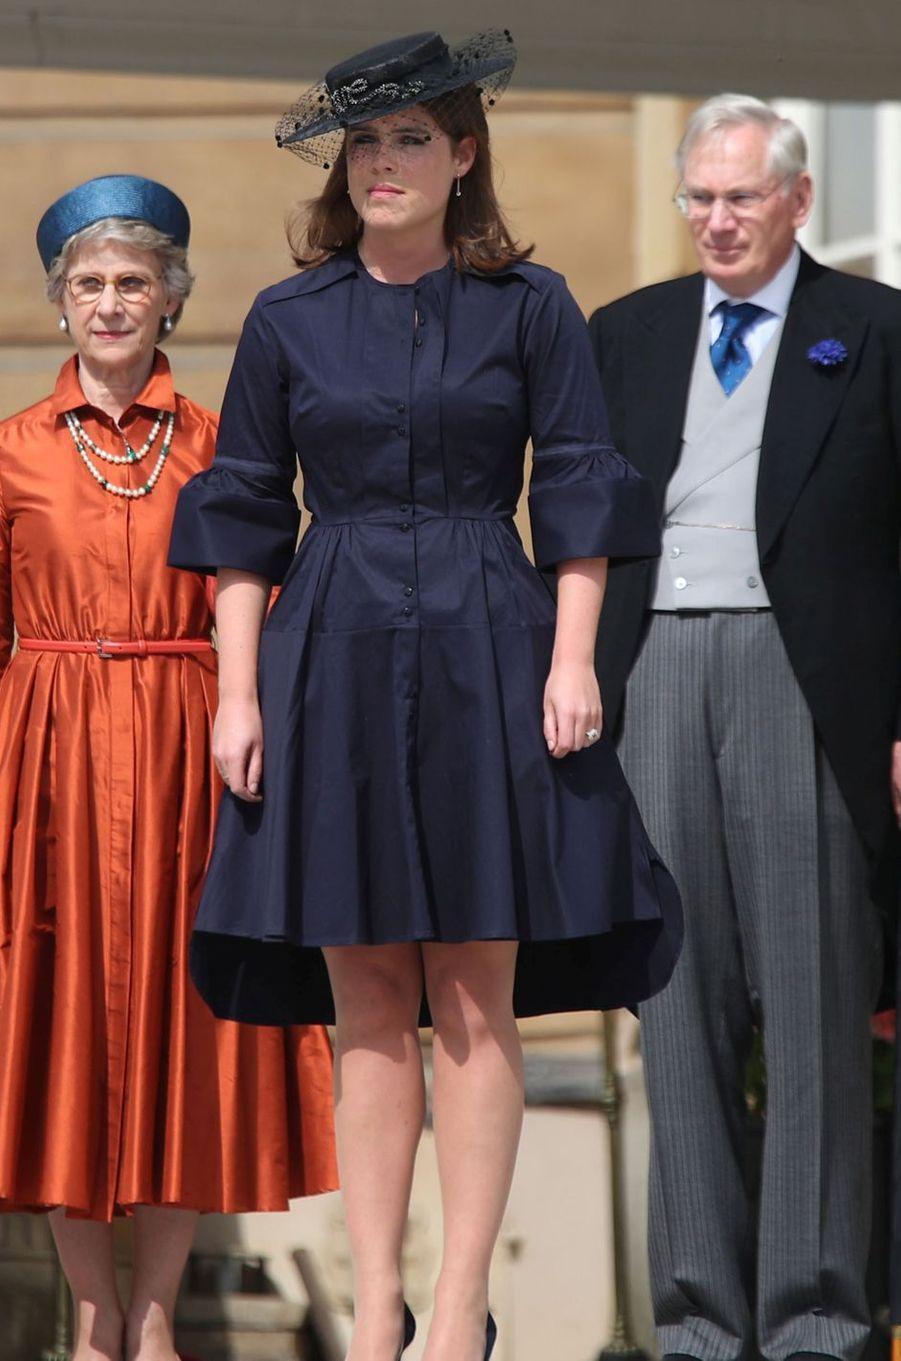 La princesse Eugenie avec le duc de Gloucester, cousin d'Elizabeth II, et sa femme à Londres, le 31 mai 2018